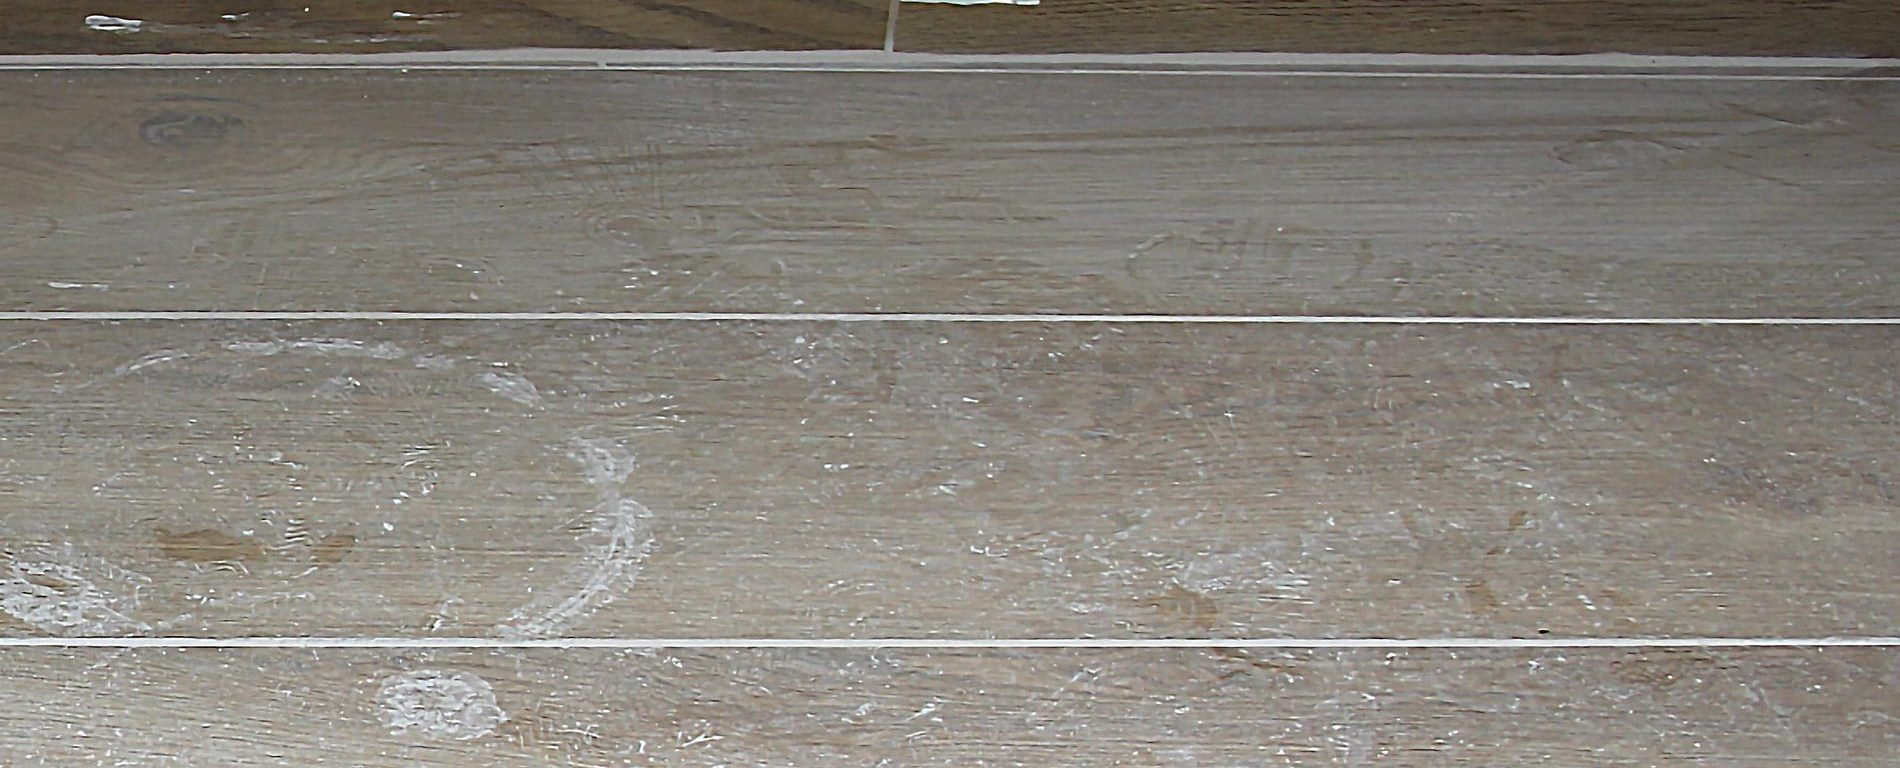 Togliere Le Piastrelle Dal Pavimento come rimuovere i residui di fuga dal pavimento -